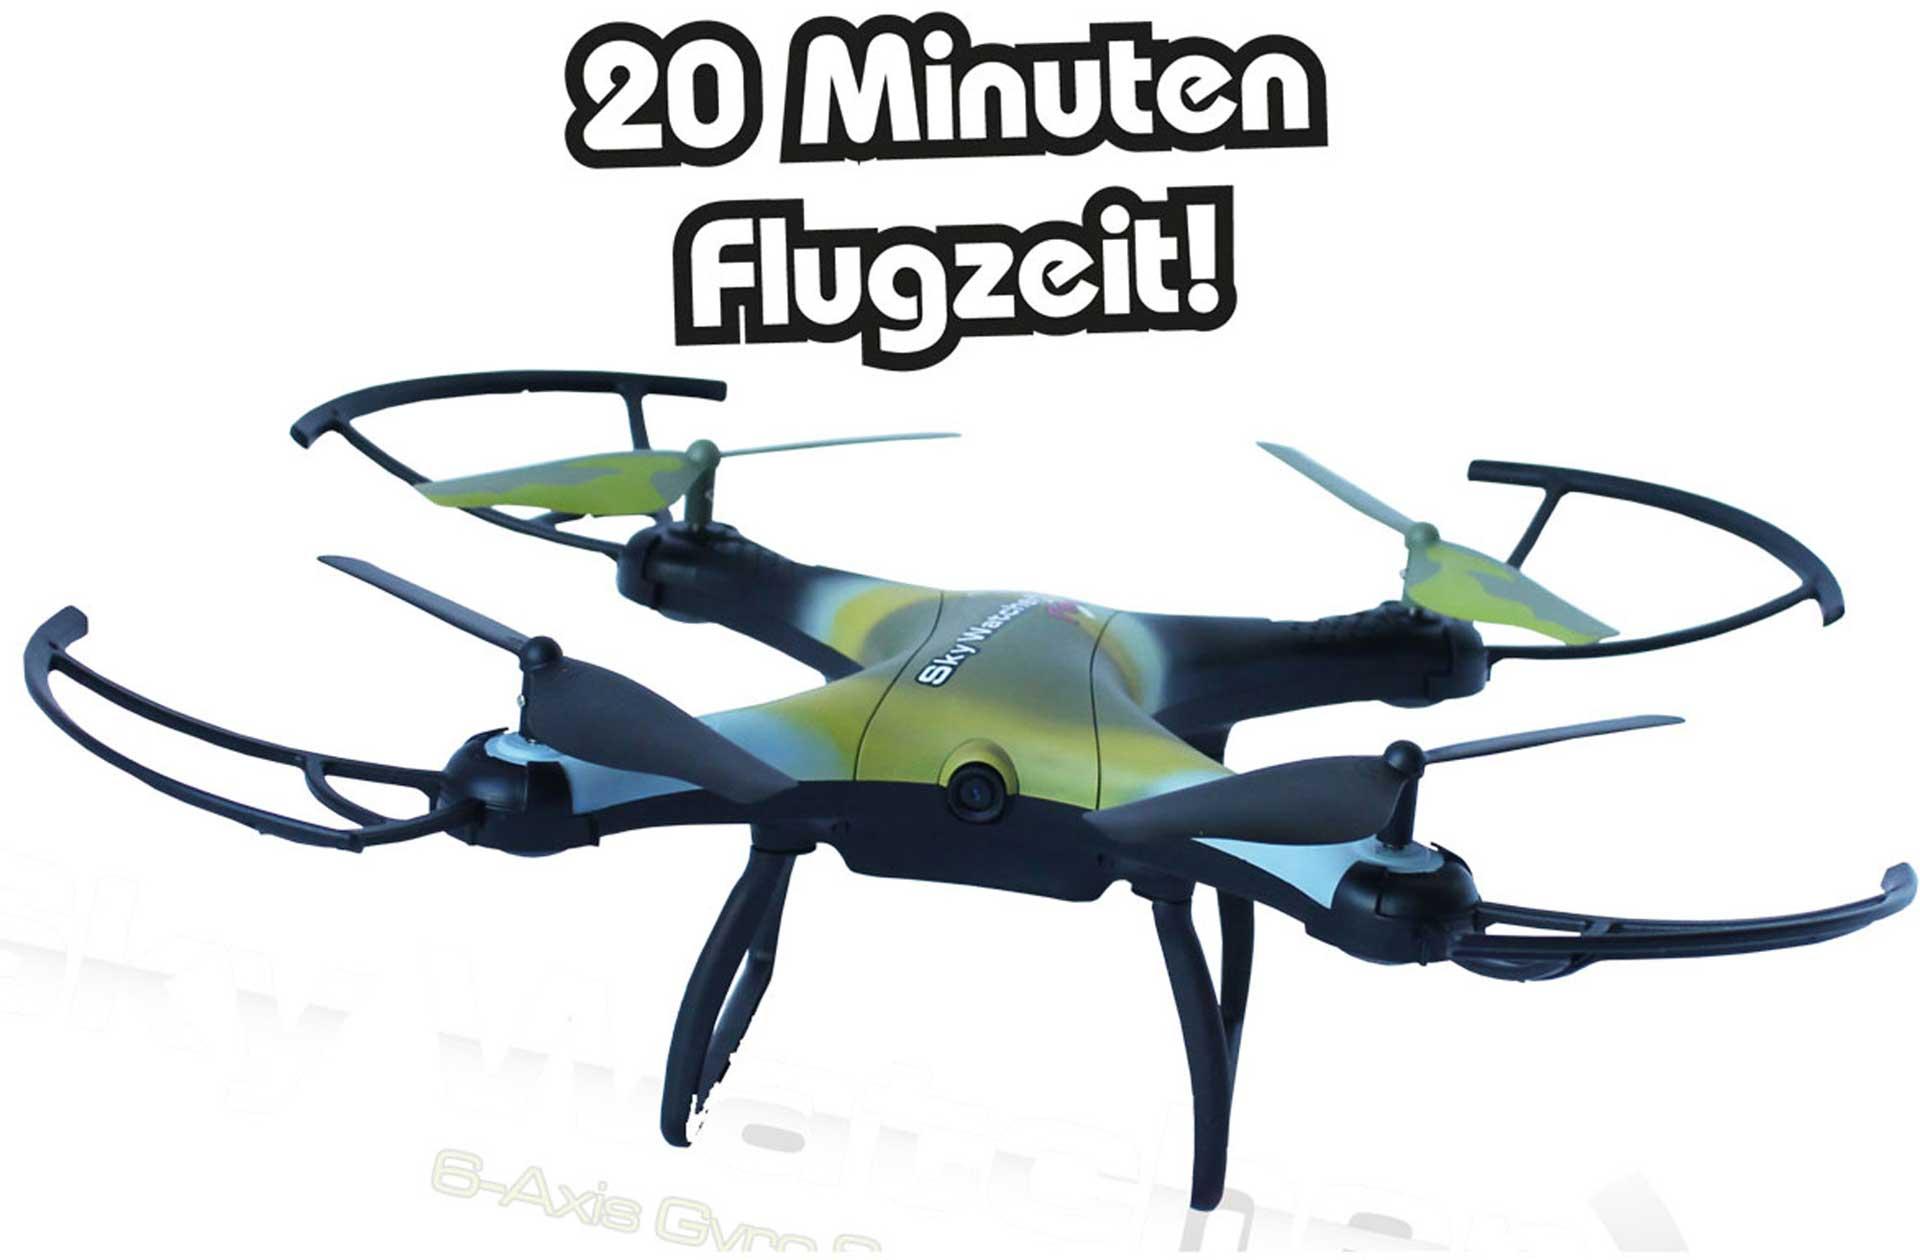 DRIVE & FLY MODELS SKYWATCHER FUN RTF + FPV 20MIN FLUGZEIT MIT GESTEN-STEUERUNG, WIFI, FPV